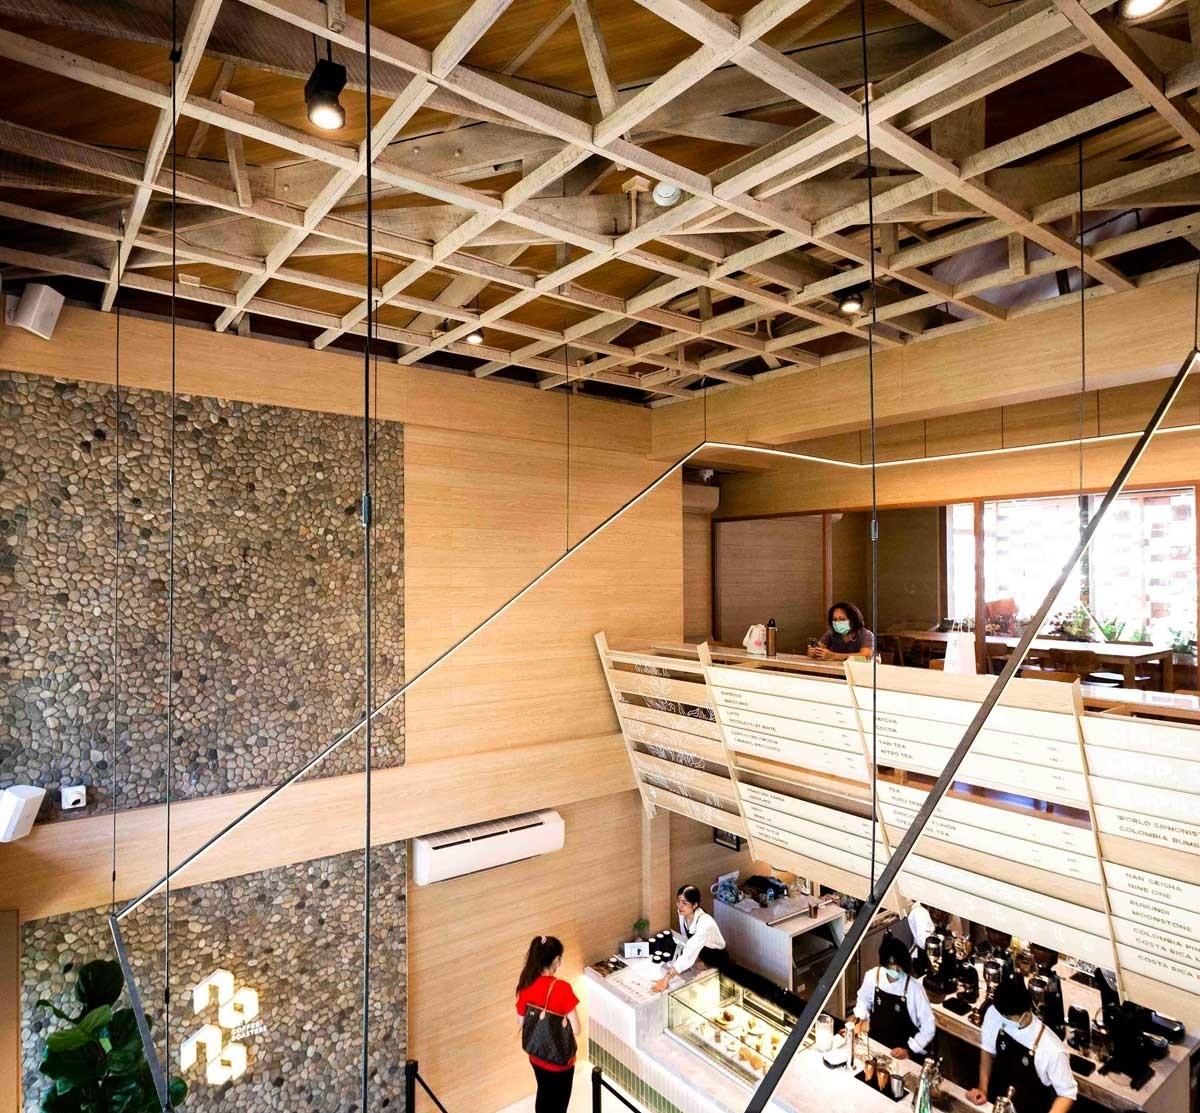 Thêm vào 2 tấm đá ốp tường là một điểm nhấn sáng tạo, gây được không ít sự chú ý trong không gian.